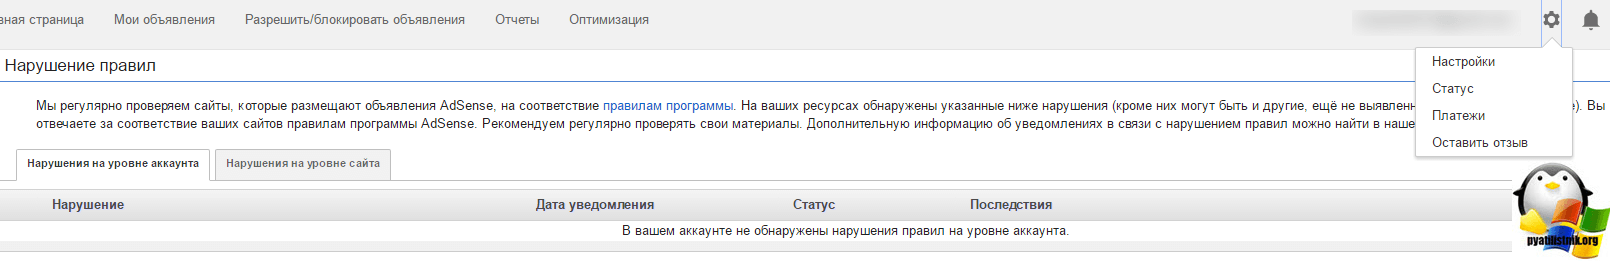 Пропала реклама Google Adsenseна всех сайтах в России-3